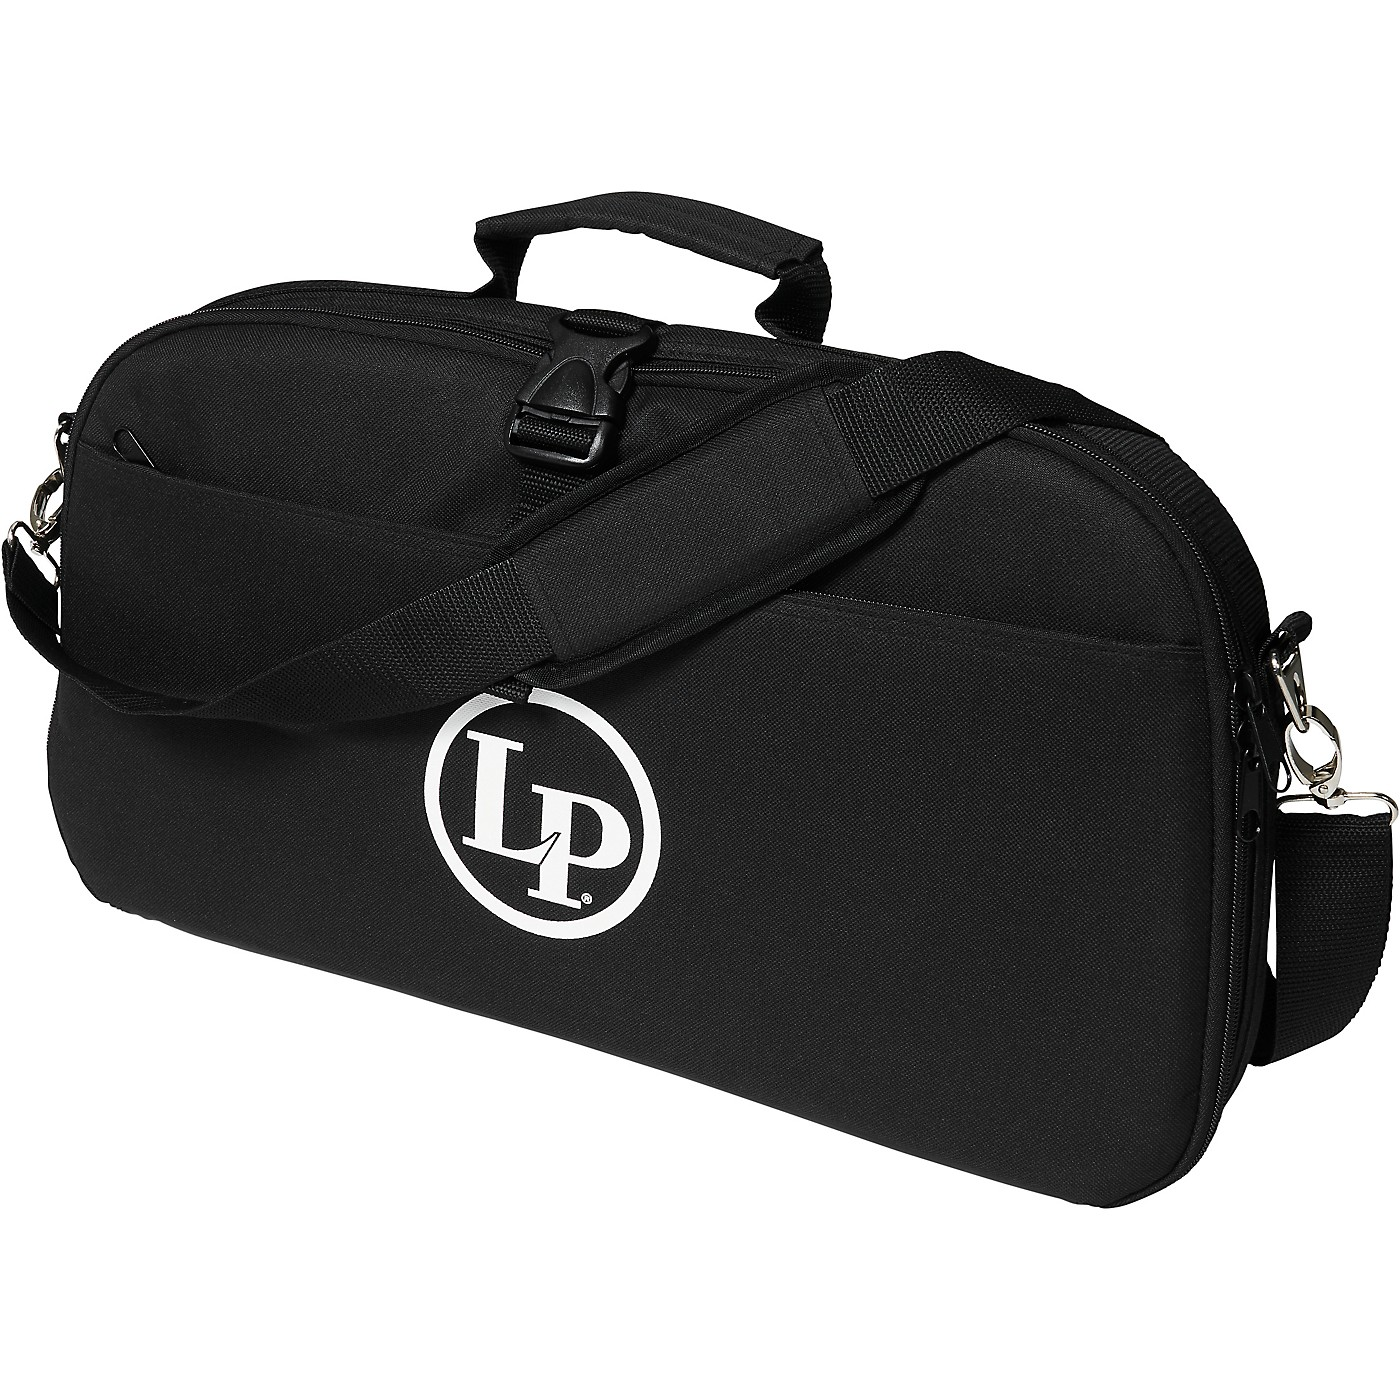 LP Compact Bongo Carrying Bag thumbnail